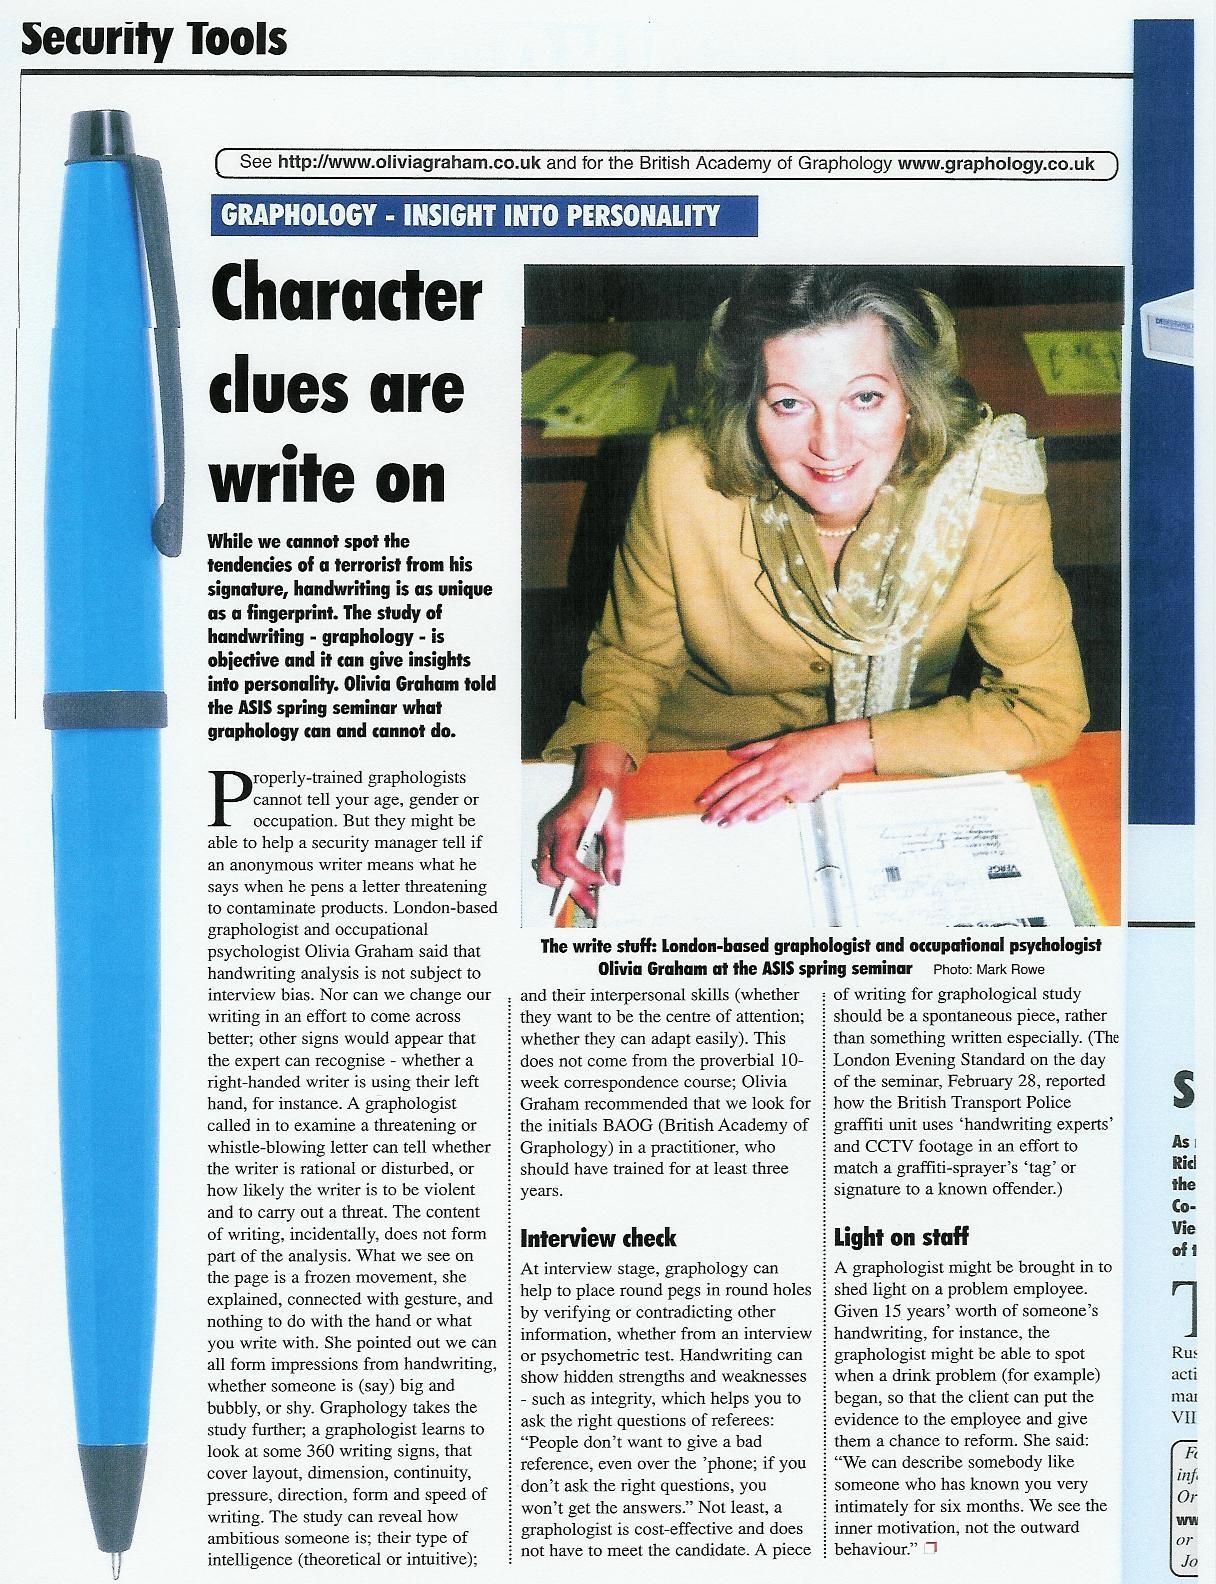 ASIS article April